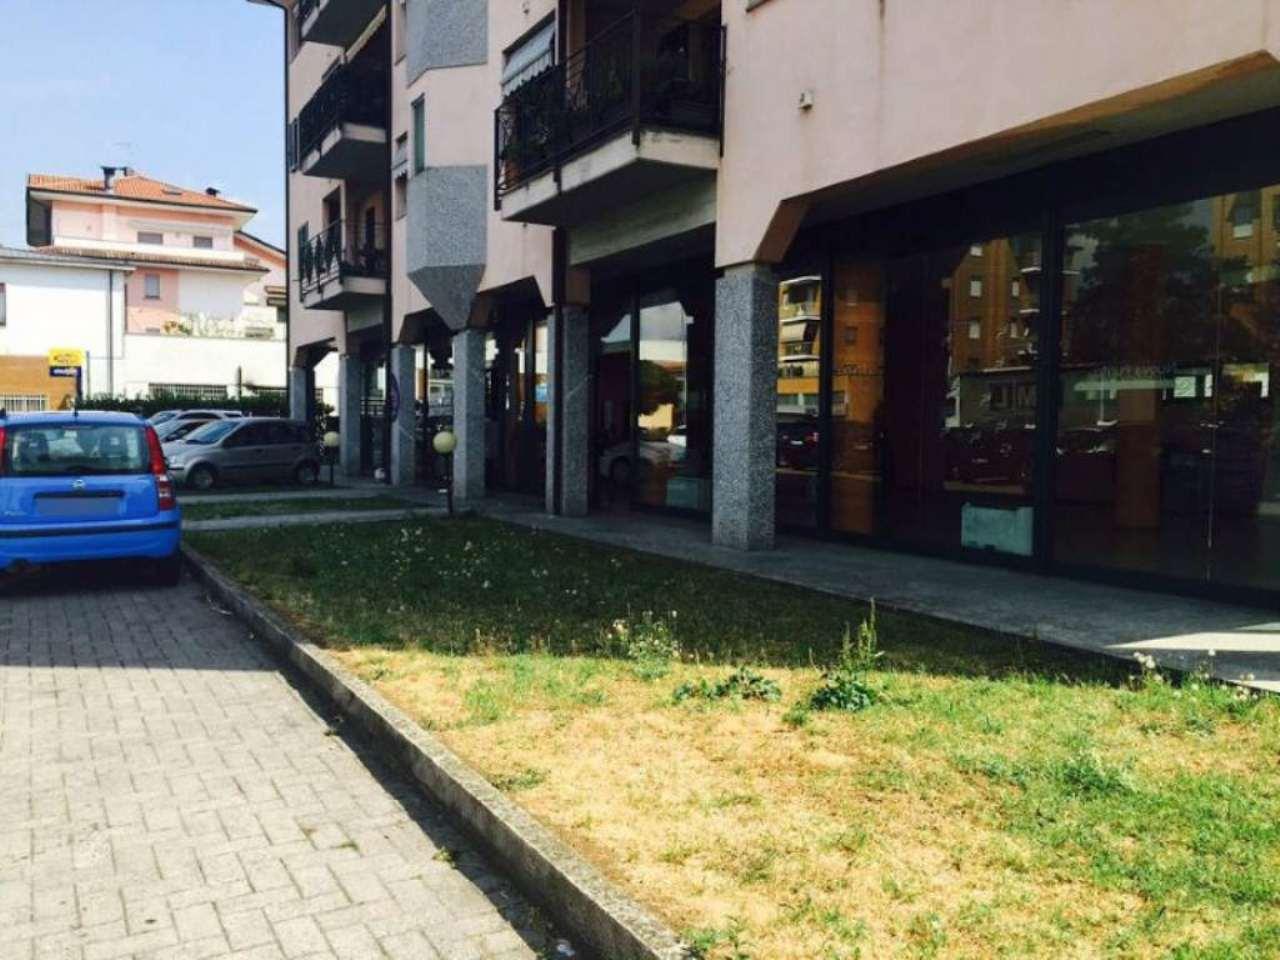 Negozio / Locale in vendita a Cassano d'Adda, 1 locali, prezzo € 3.000 | PortaleAgenzieImmobiliari.it